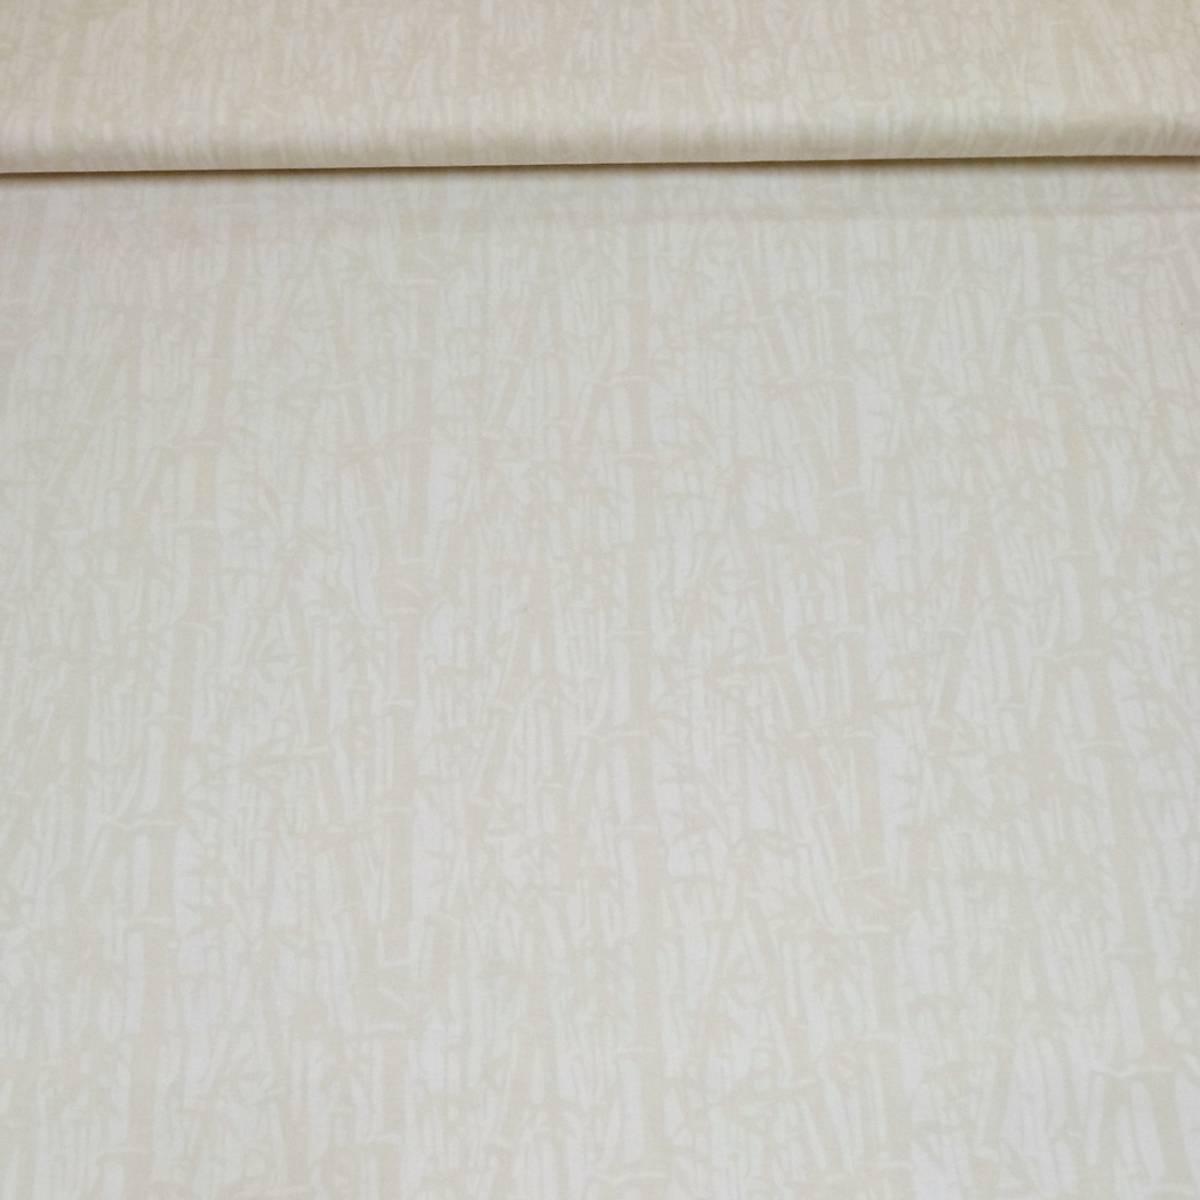 Batikk - bambusmønster egghvit-offwhite